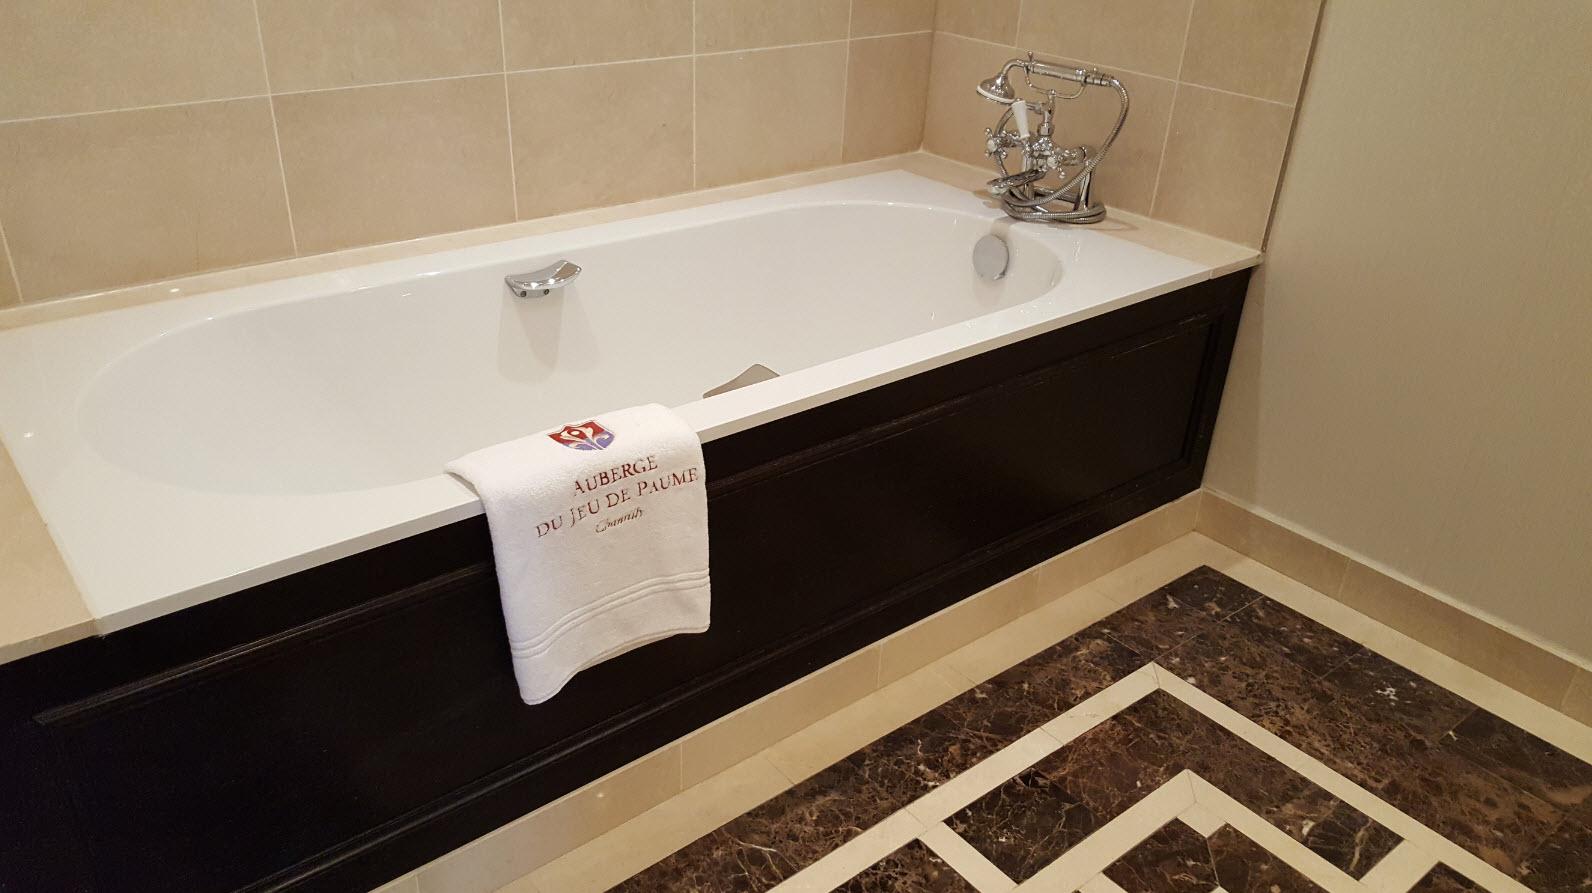 Salle-de-bains auberge du jeu de paume